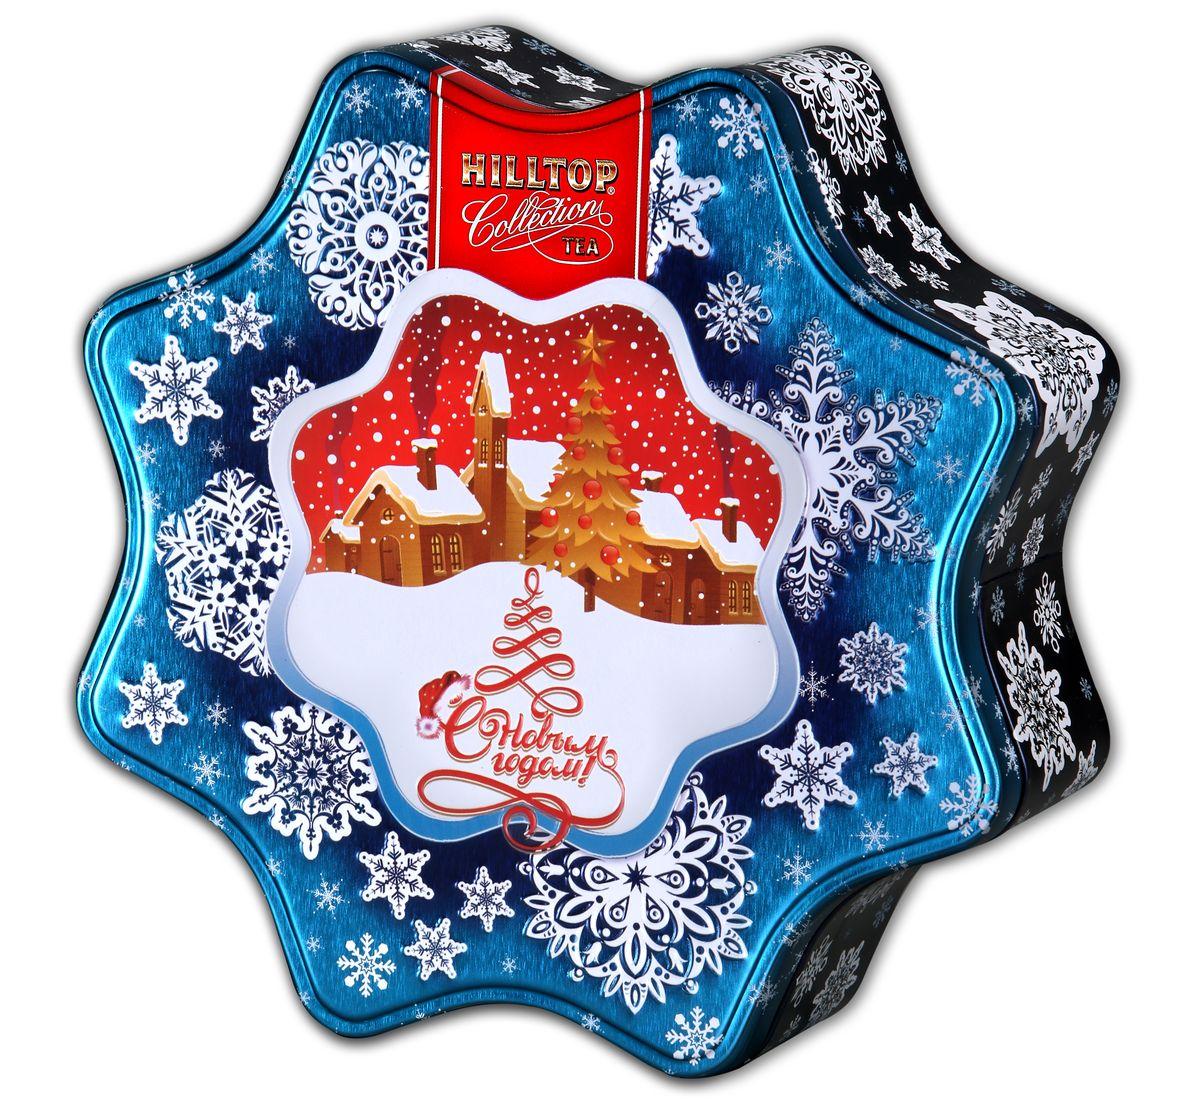 Hilltop Снежинка голубая Зимняя клюква черный листовой чай, 100 г0120710Крупнолистовой черный чай с кусочками ягод, терпко-сладким вкусом и природной свежестью натуральной клюквы сочетаются в прекрасном подарочном наборе Hilltop Снежинка голубая. Этот чай прекрасно согреет в зимний вечер и послужит отличным поводом собрать на чай друзей. Также яркая упаковка будет отличным подарком для истинных ценителей чая!